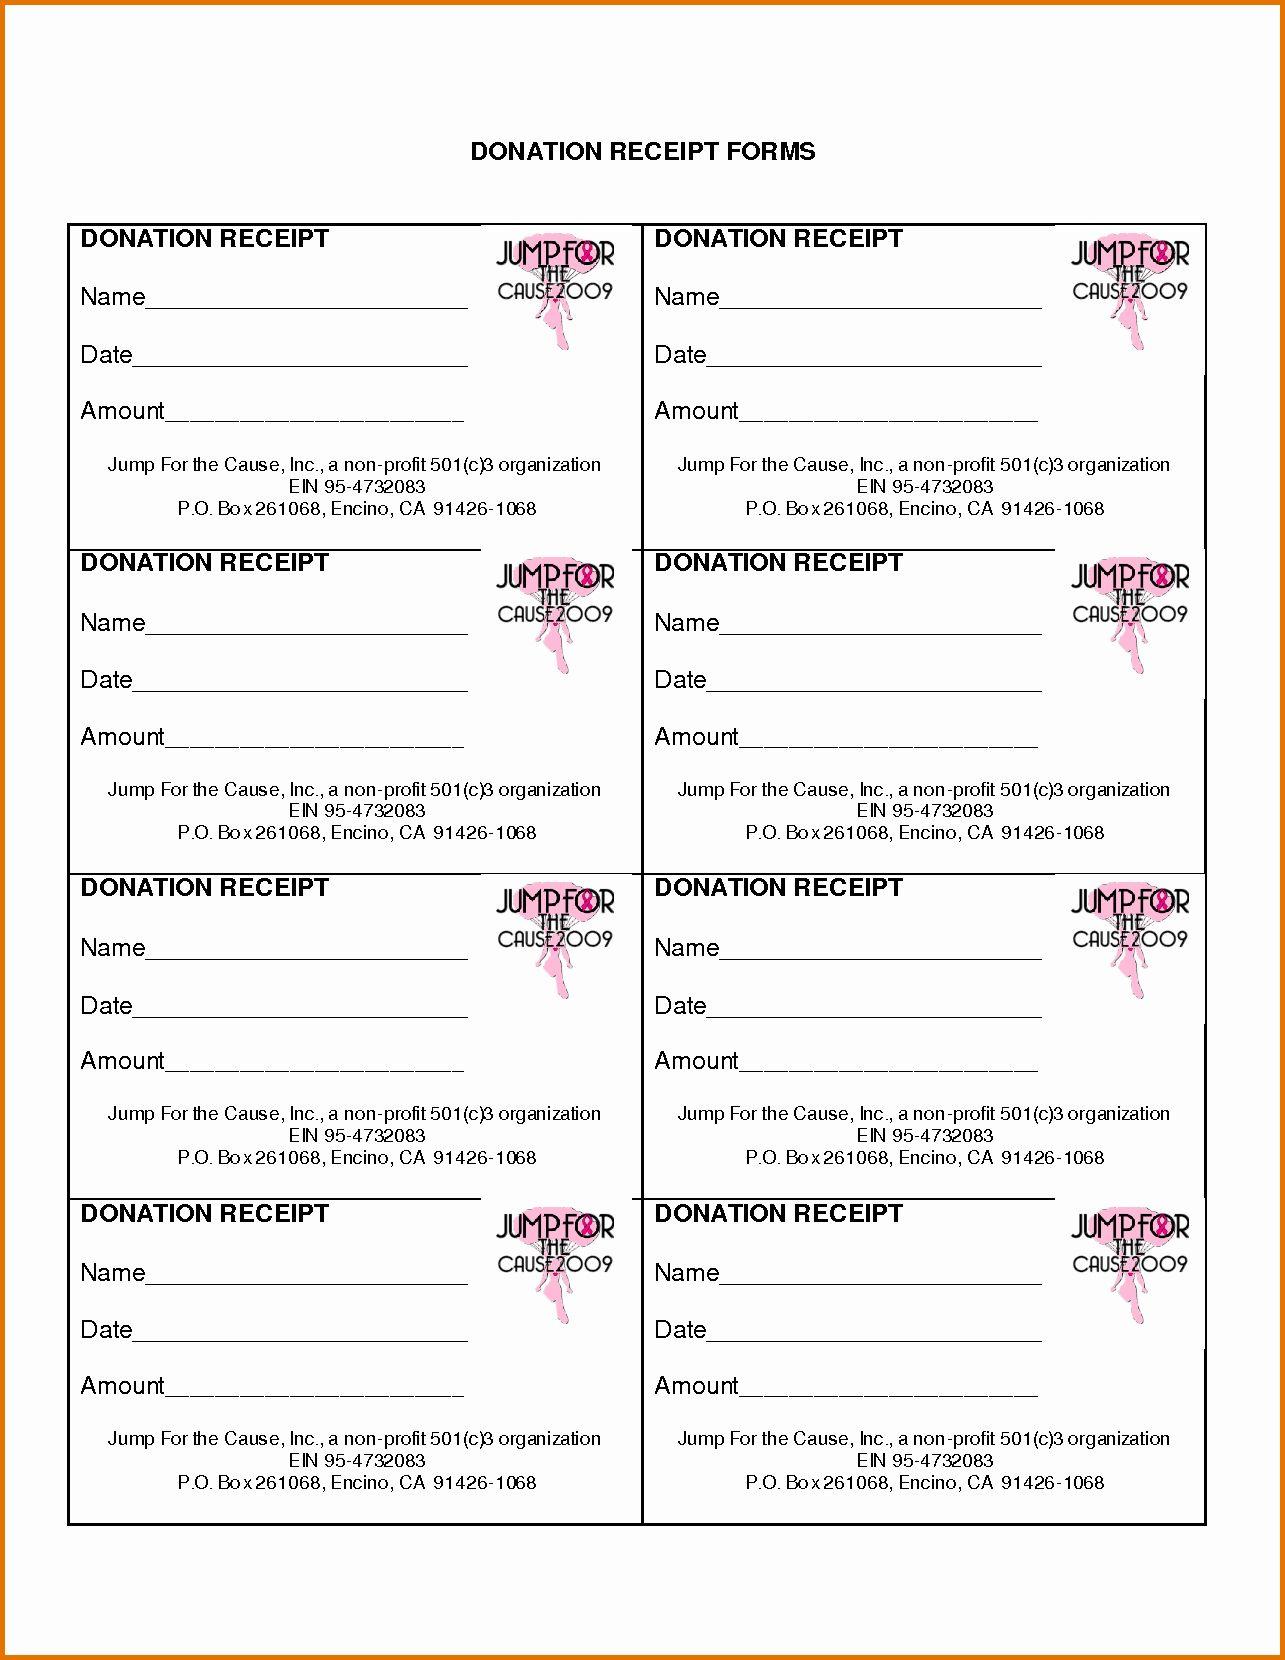 Non Profit Donation Card Template Elegant Non Profit Donation Receipt Templatereference Letters Donation Letter Receipt Template Non Profit Donations